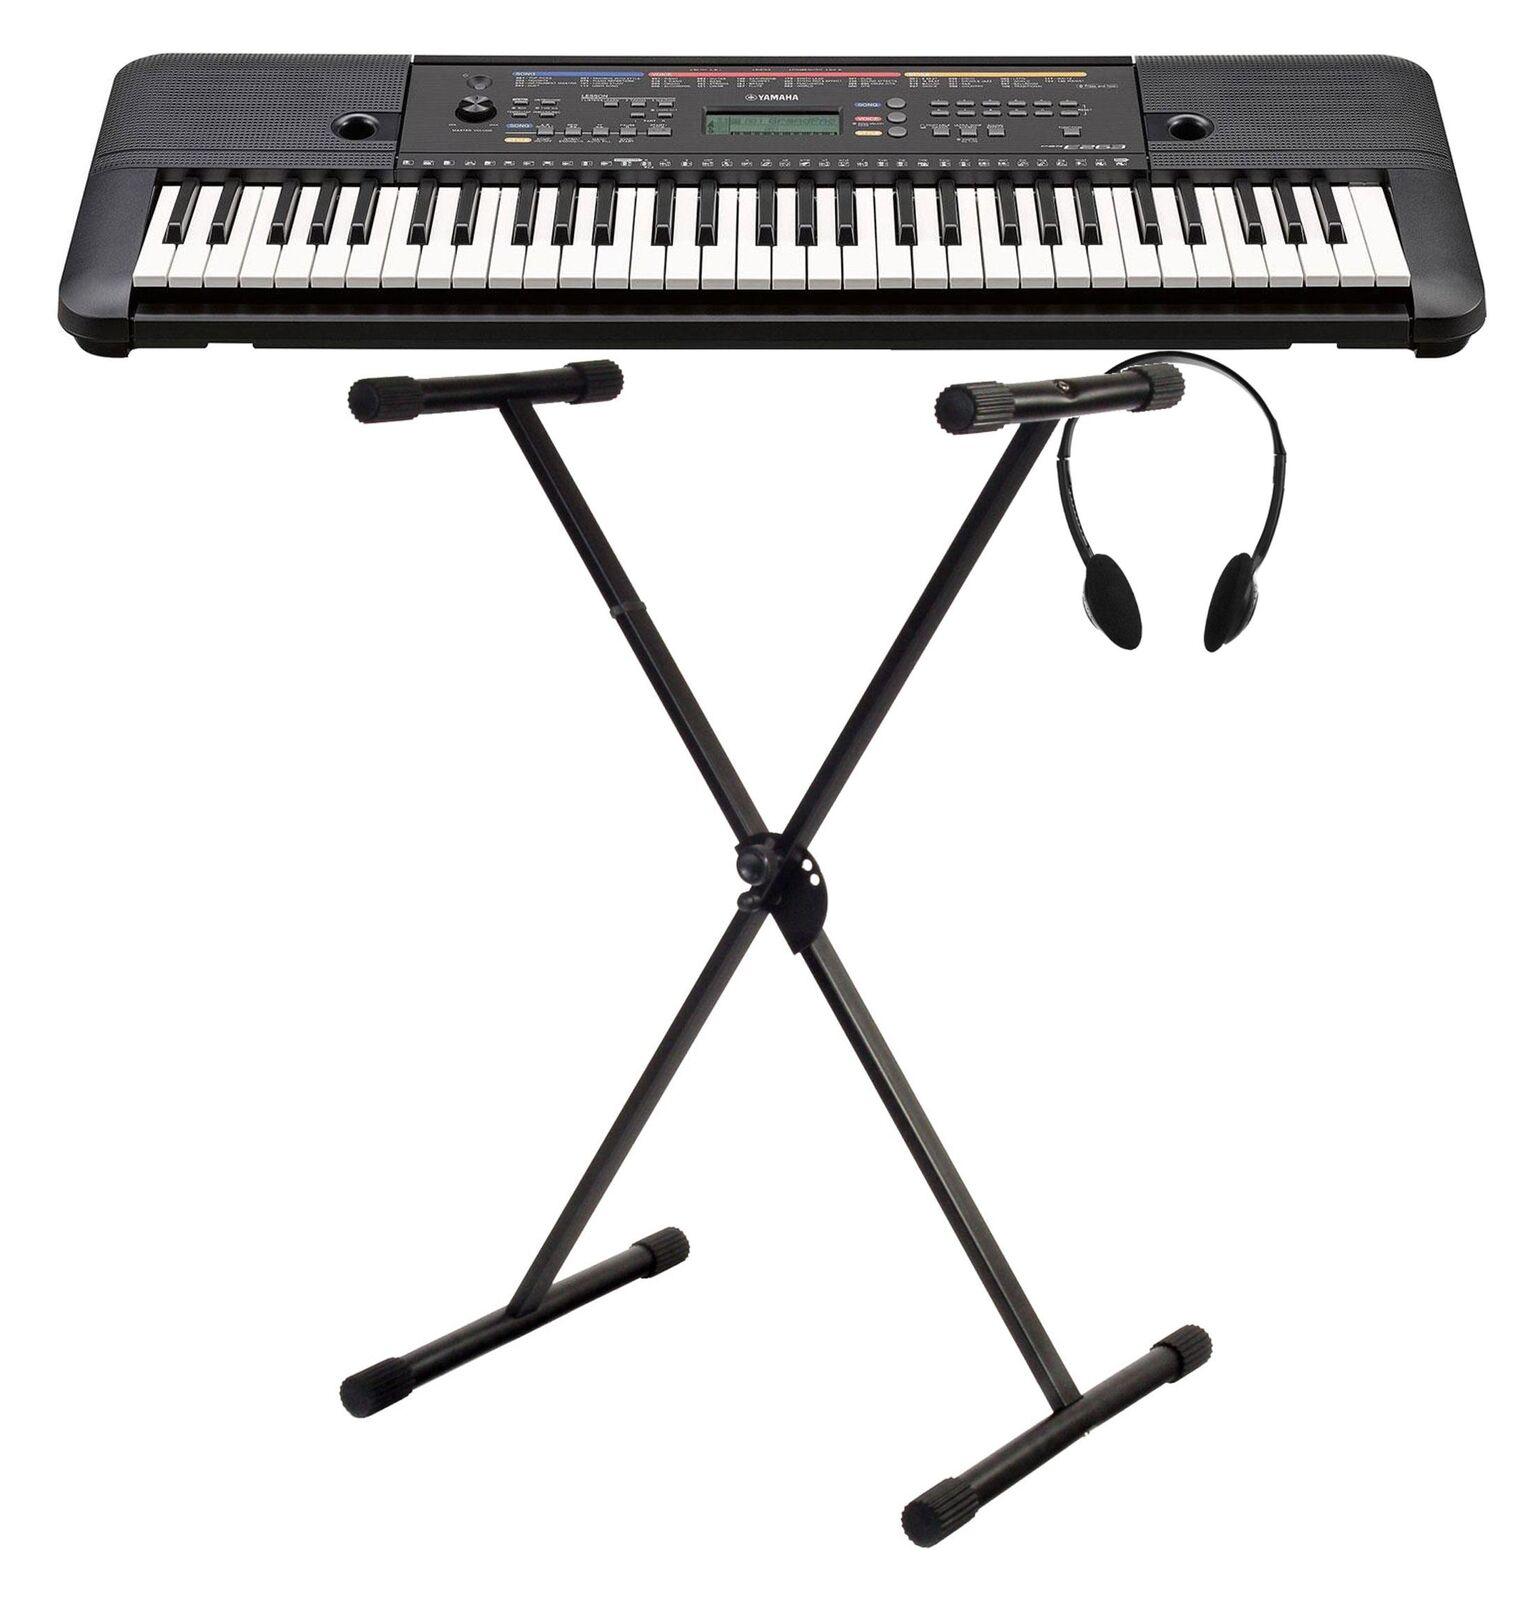 Tolles Yamaha Keyboard Set für Einsteiger inkl. Ständer, Kopfhörer & 112 Songs